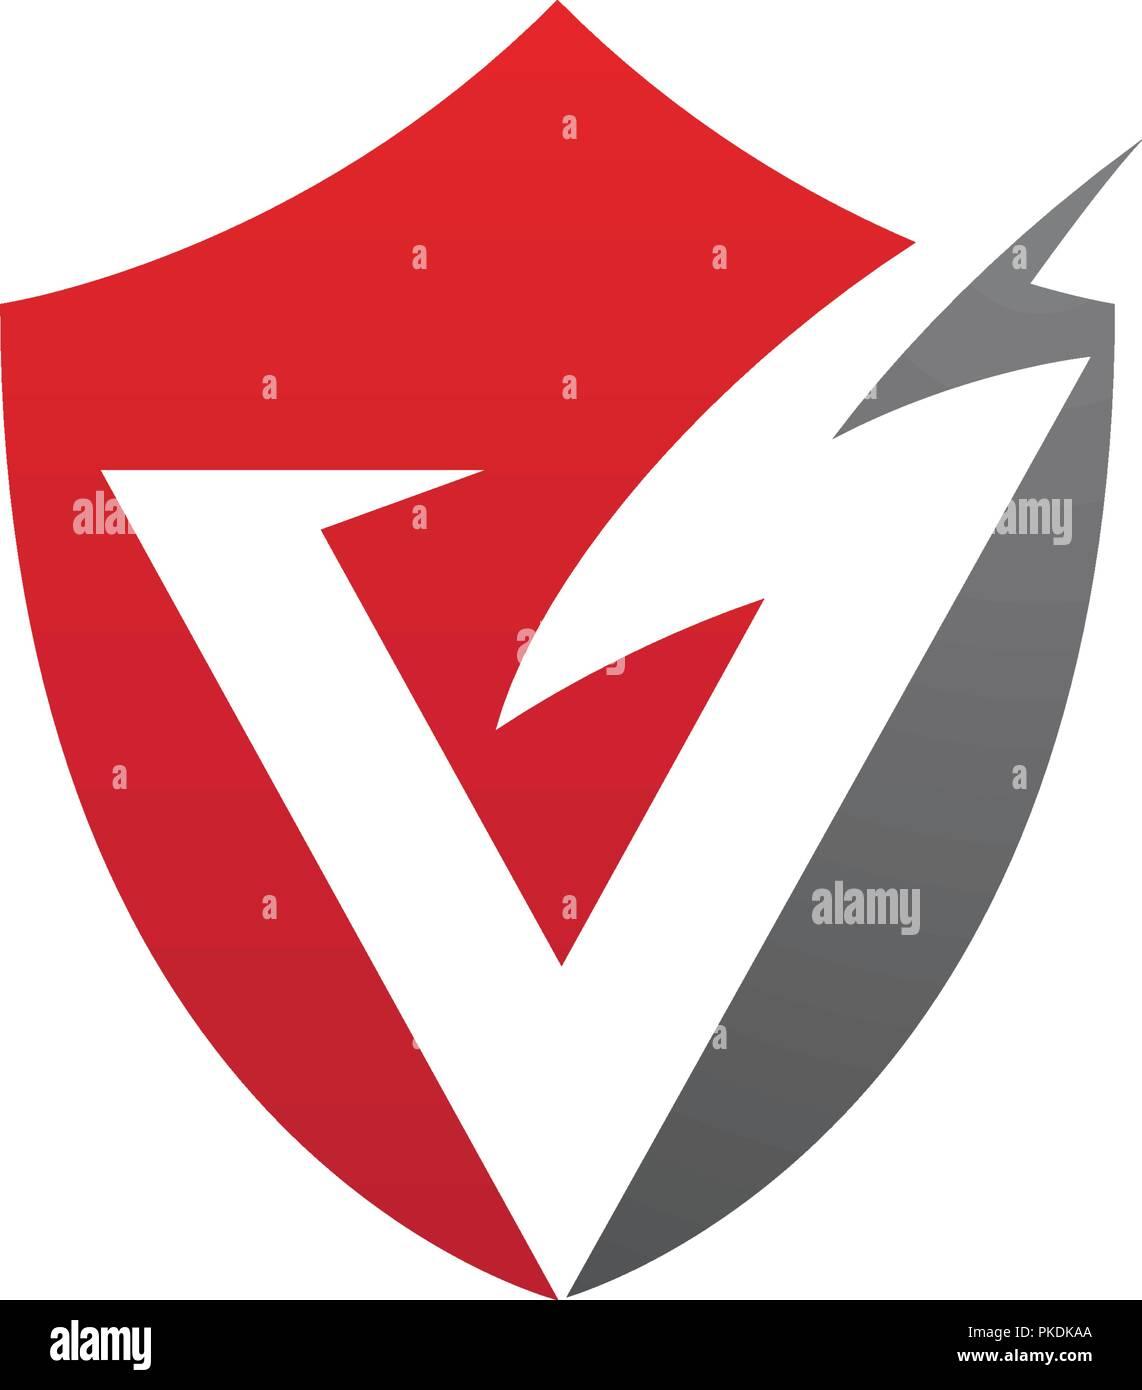 v letter lightning logo template vector icon illustration design